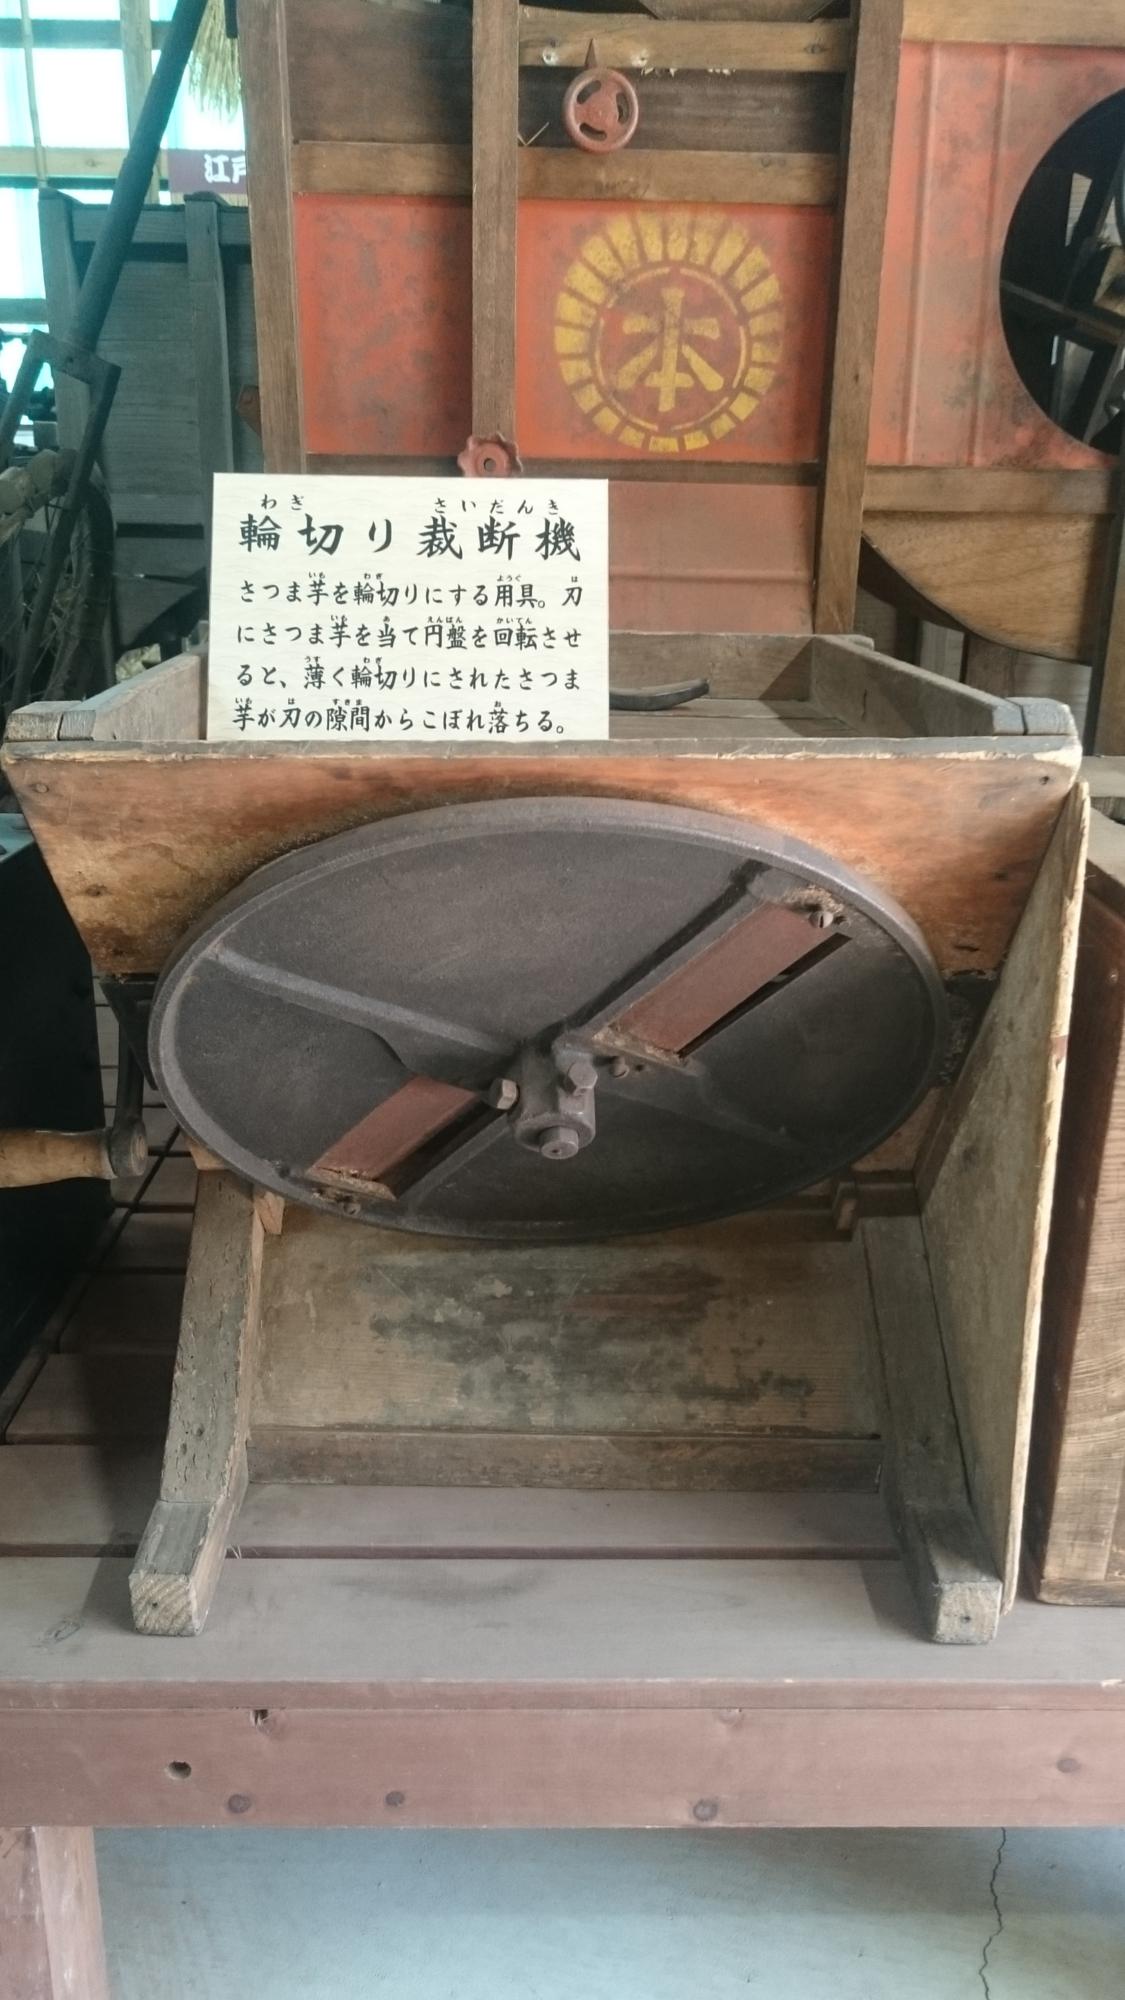 三富今昔村おもしろ館 サツマイモ用の輪切り裁断機